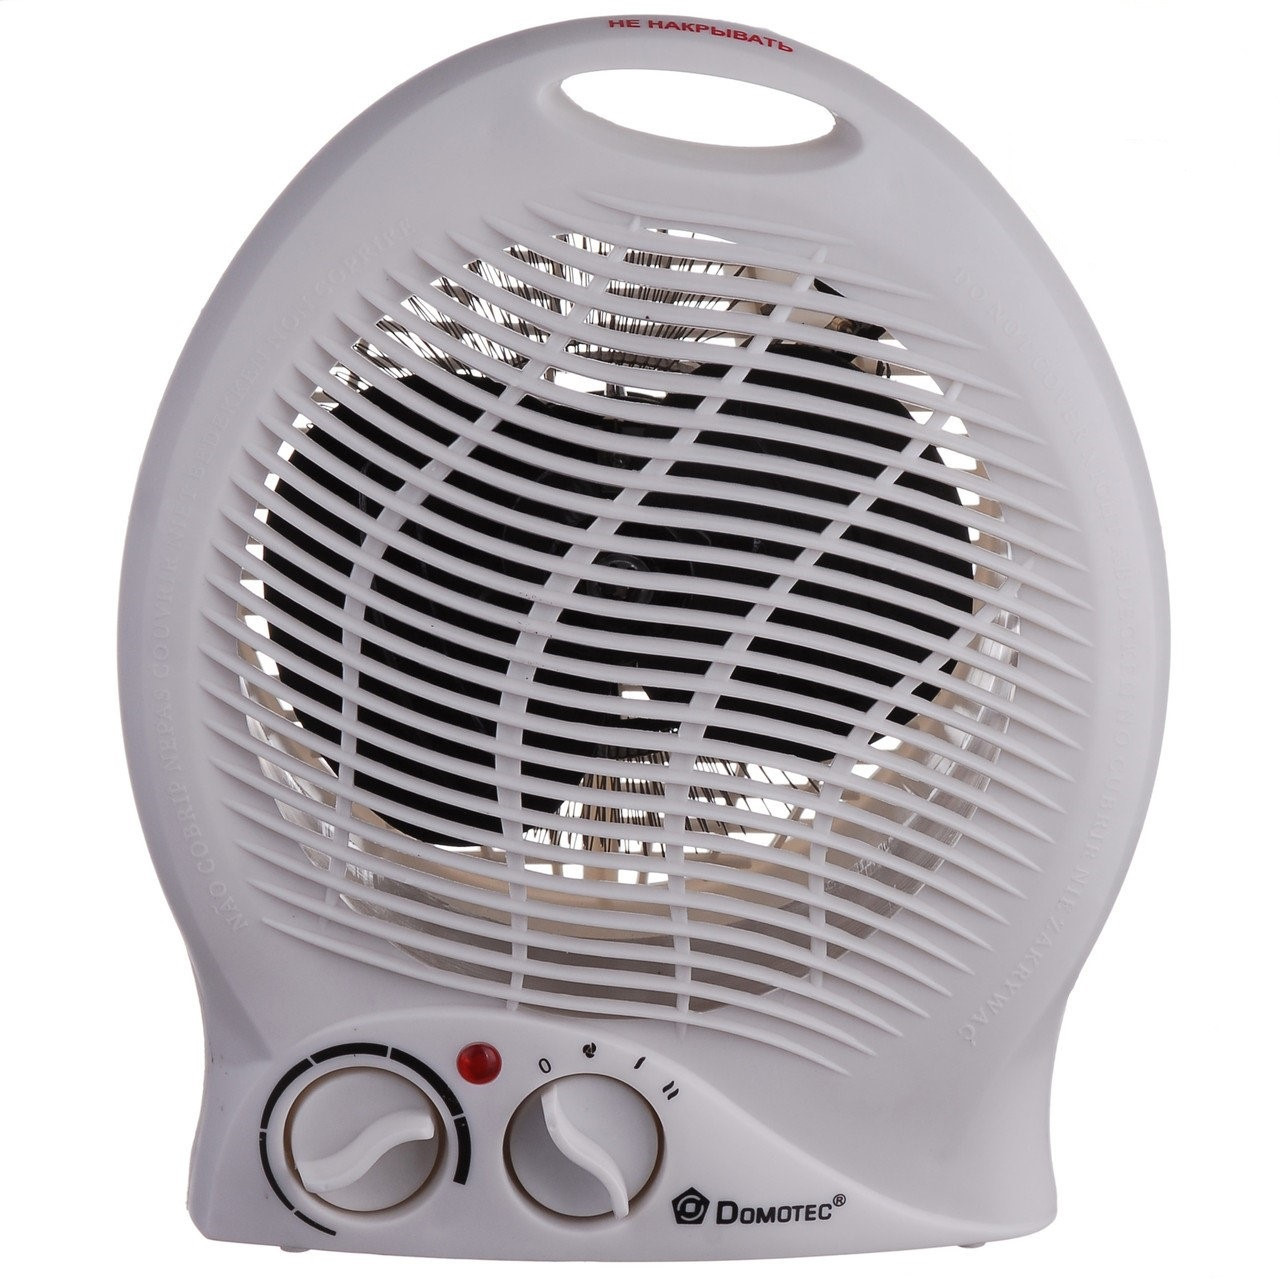 Бытовой электро обогреватель с регулятором | Тепловентилятор | Калорифер | Дуйка  Domotec MS-5902 (2000 W)